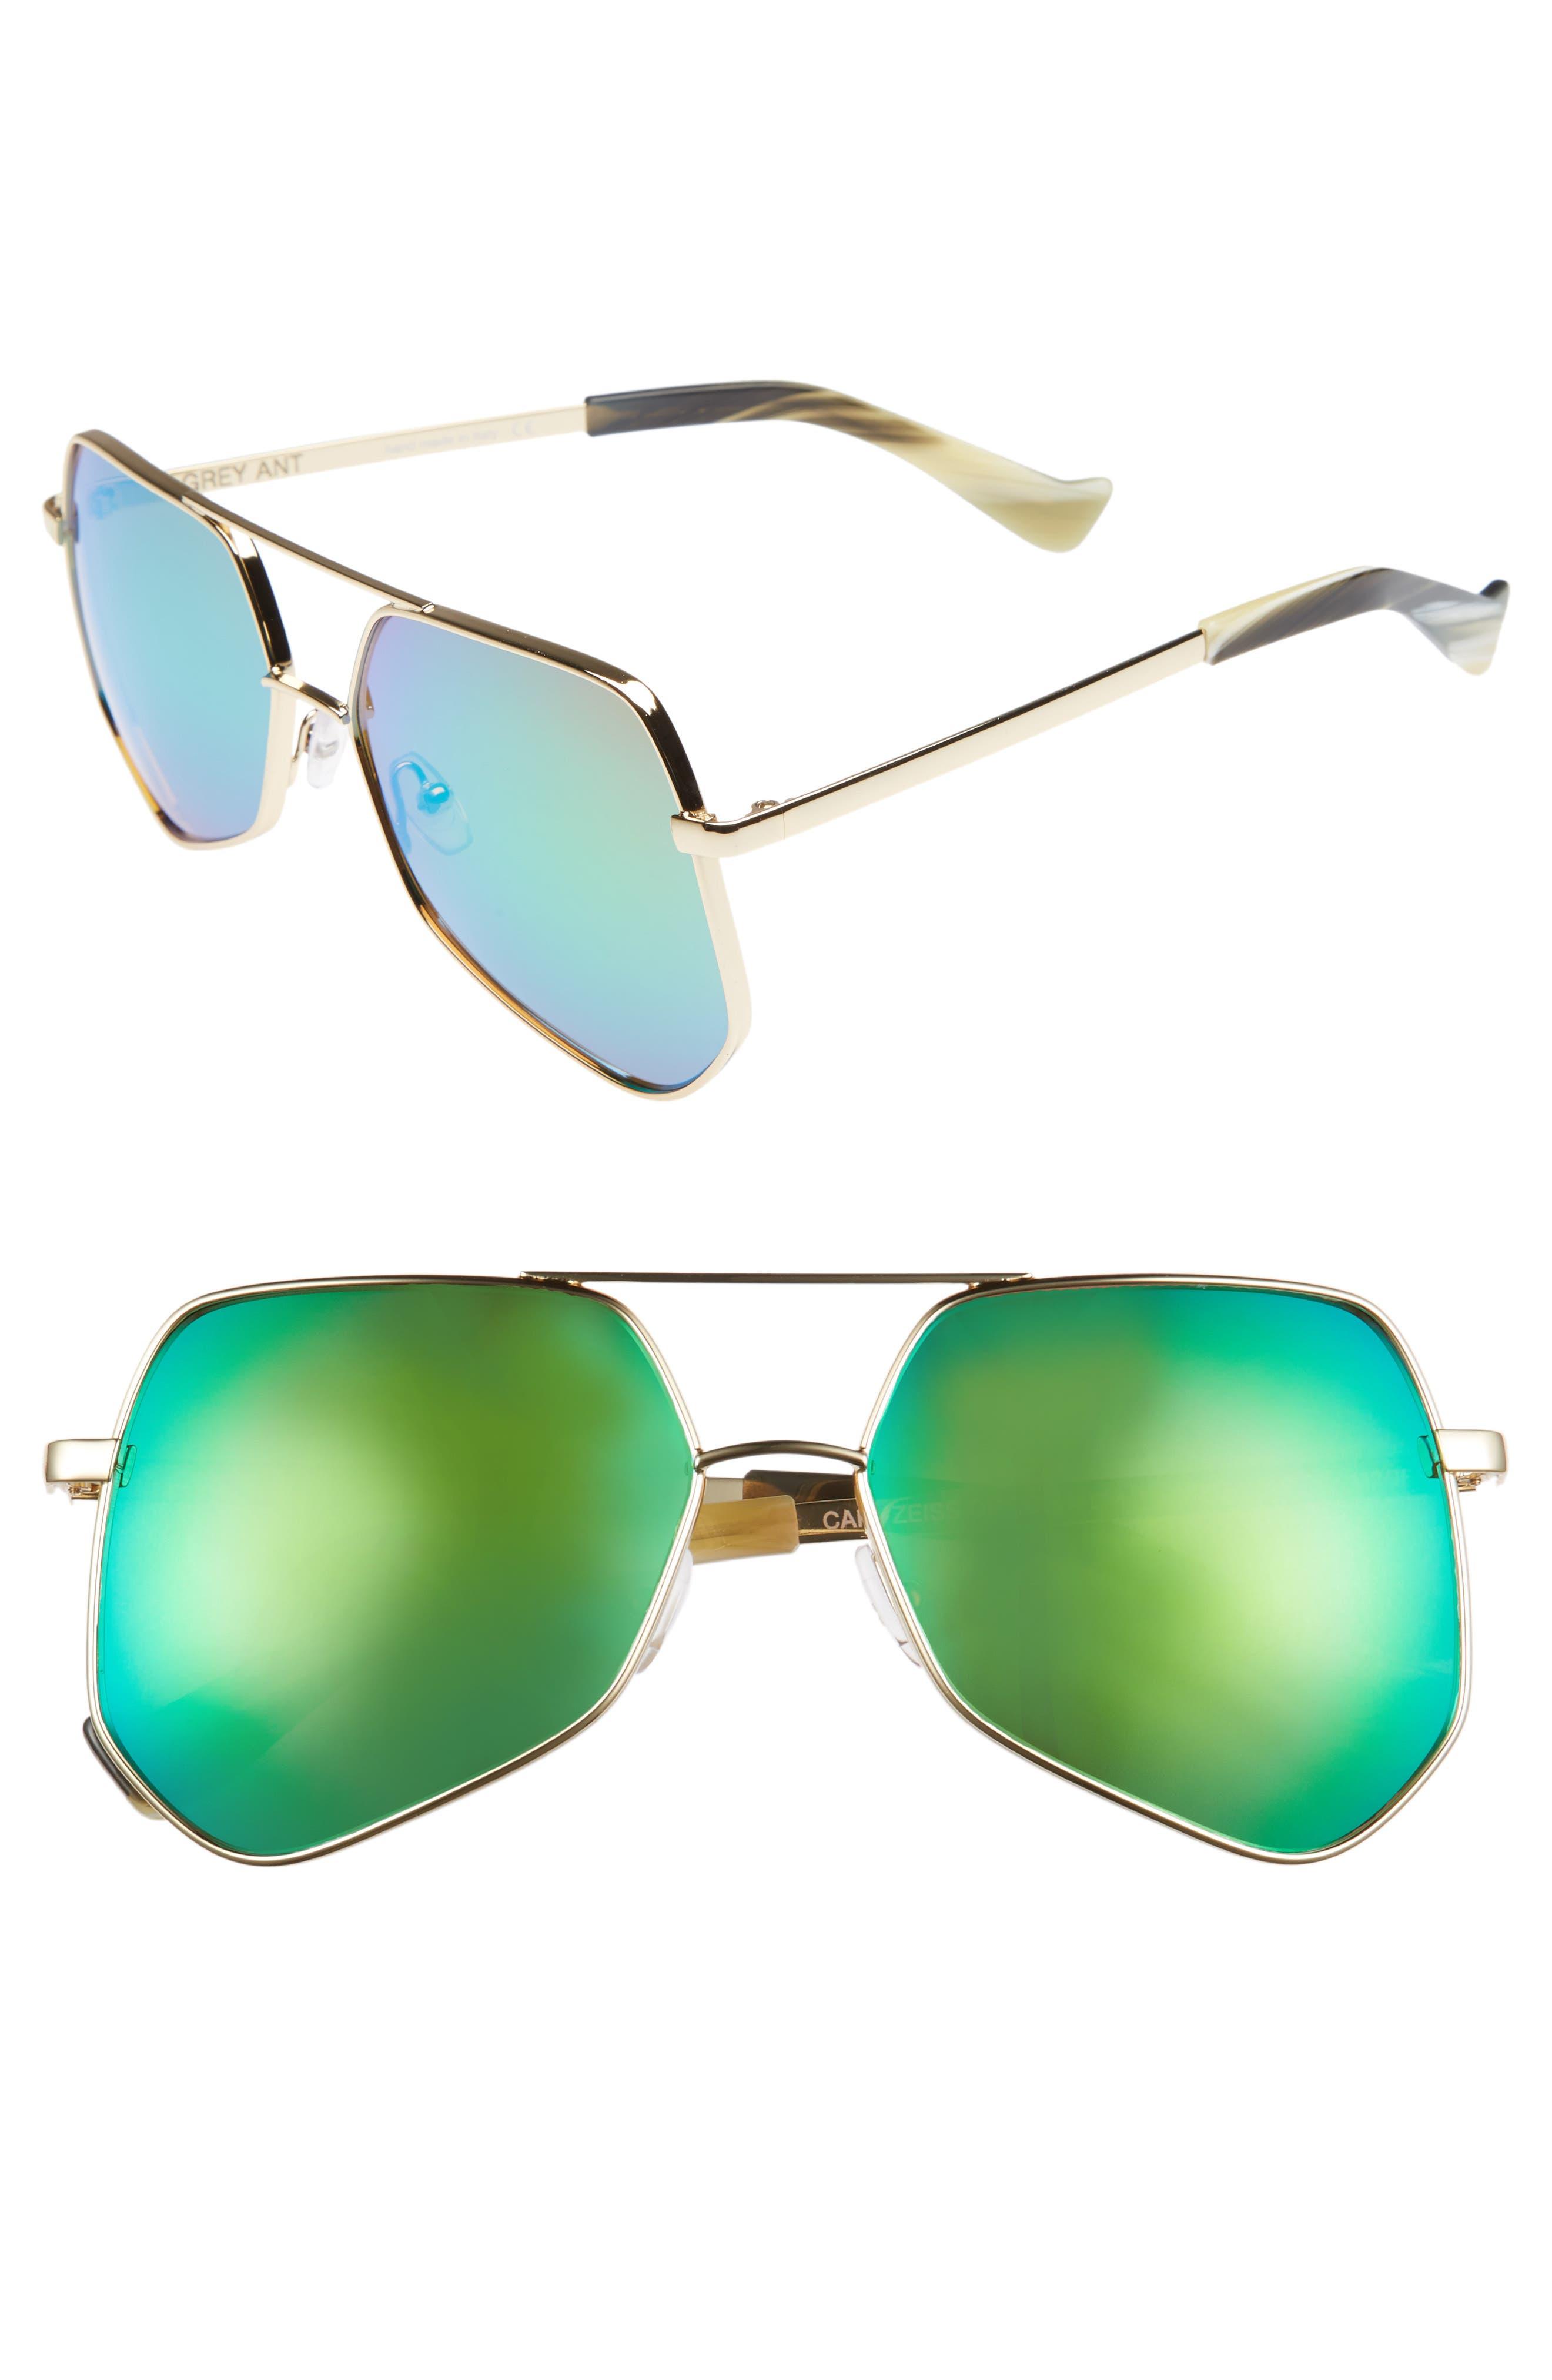 Grey Ant Megalast II 55mm Sunglasses